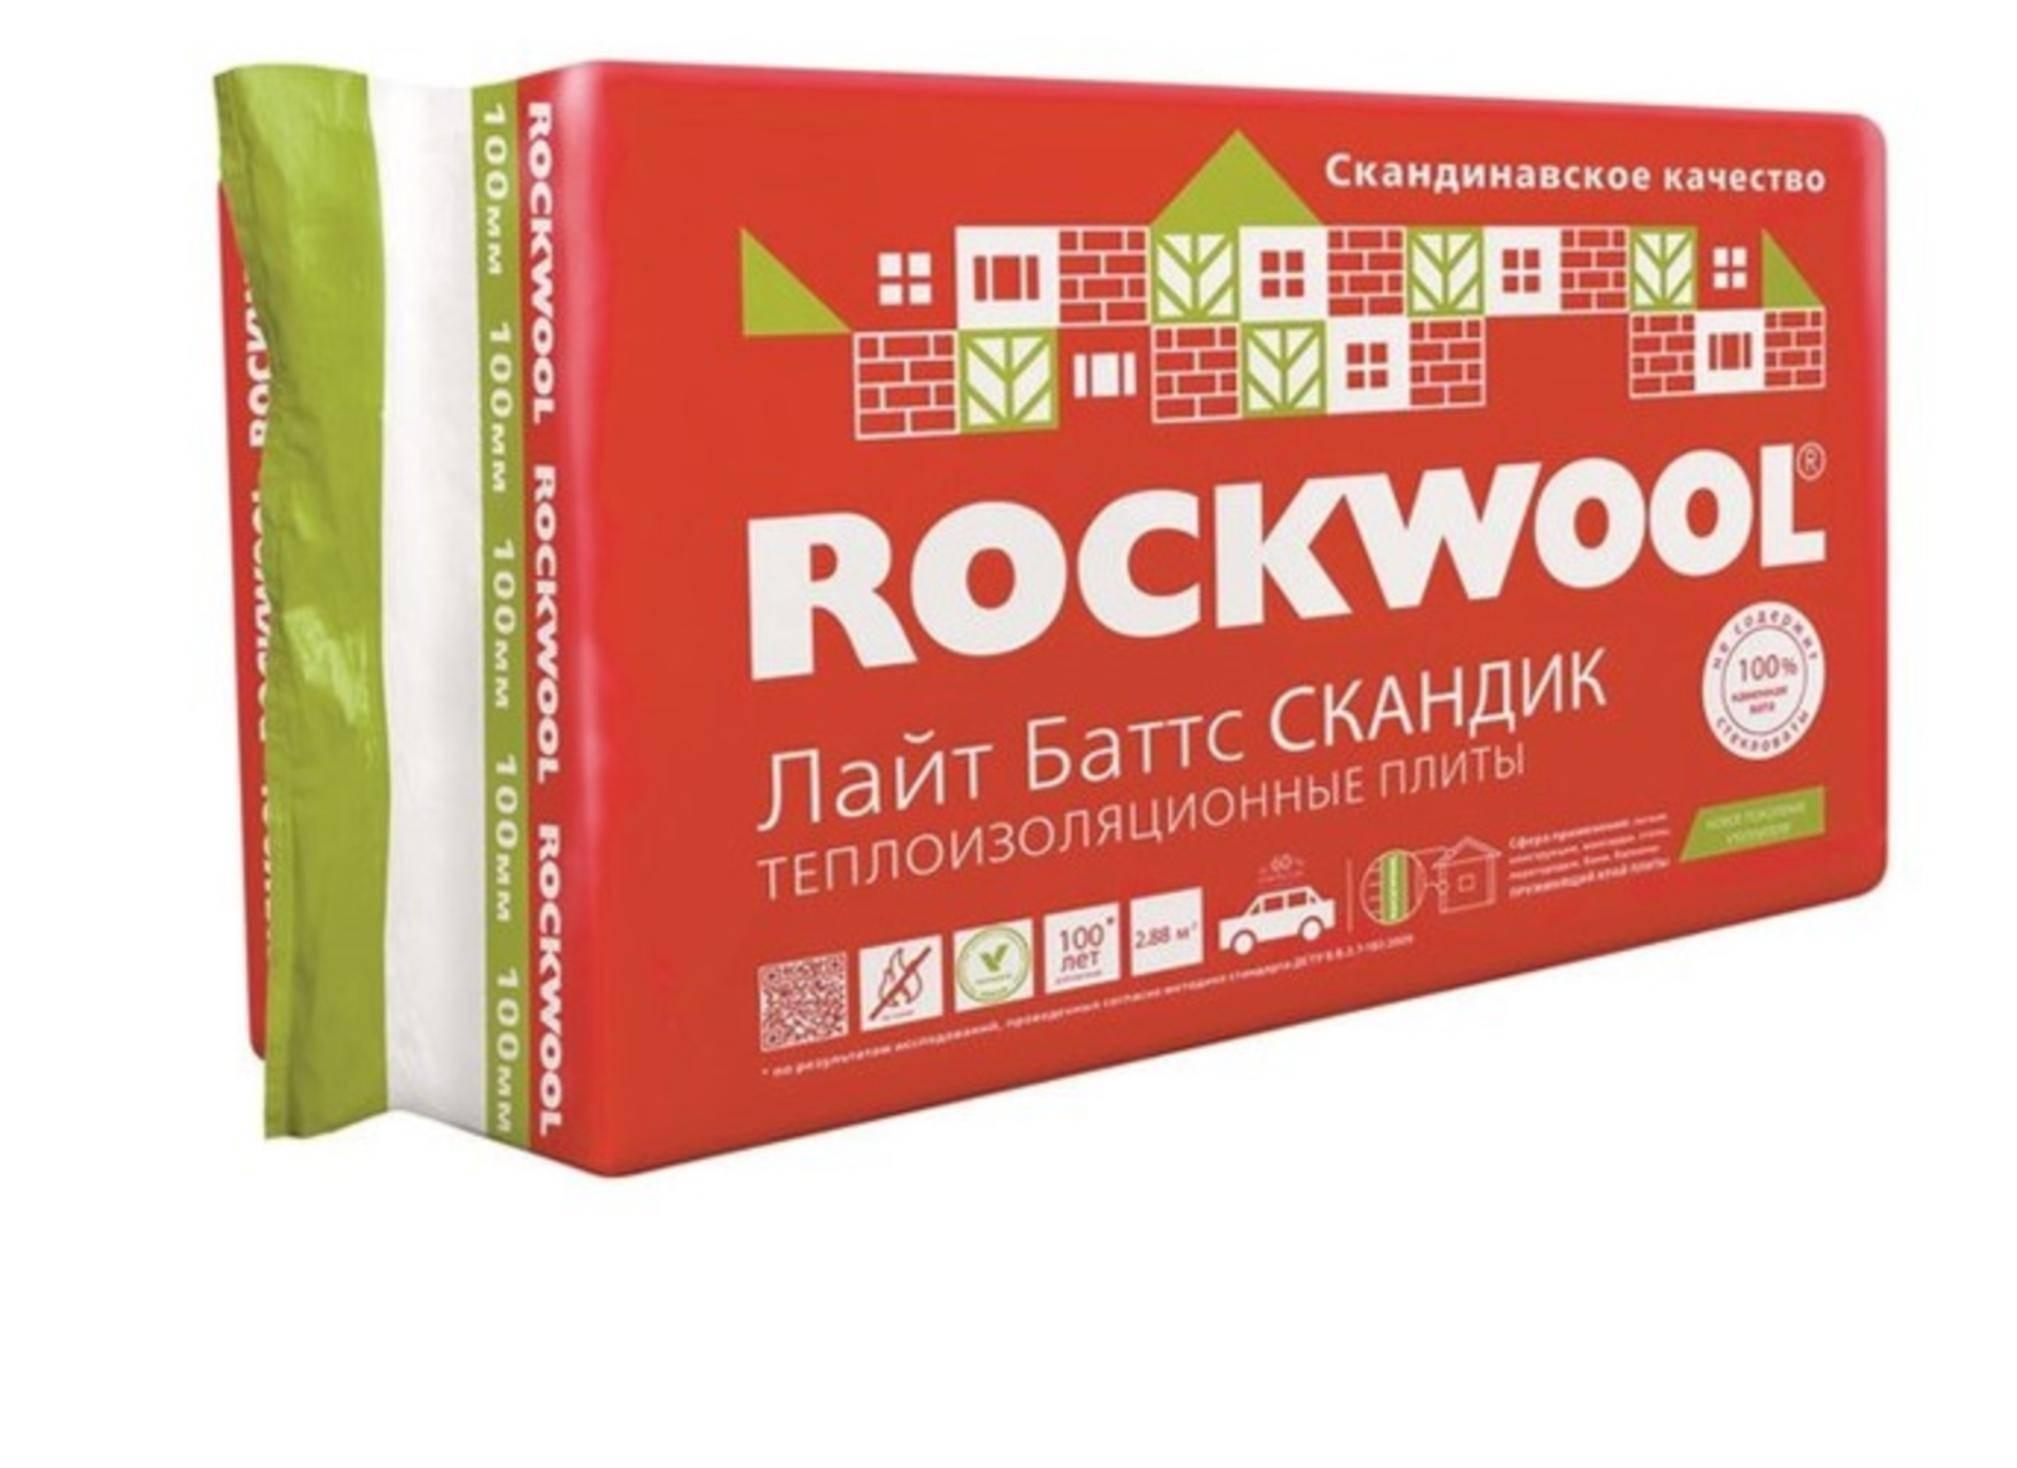 Лайт баттс скандик от rockwool: частное решение